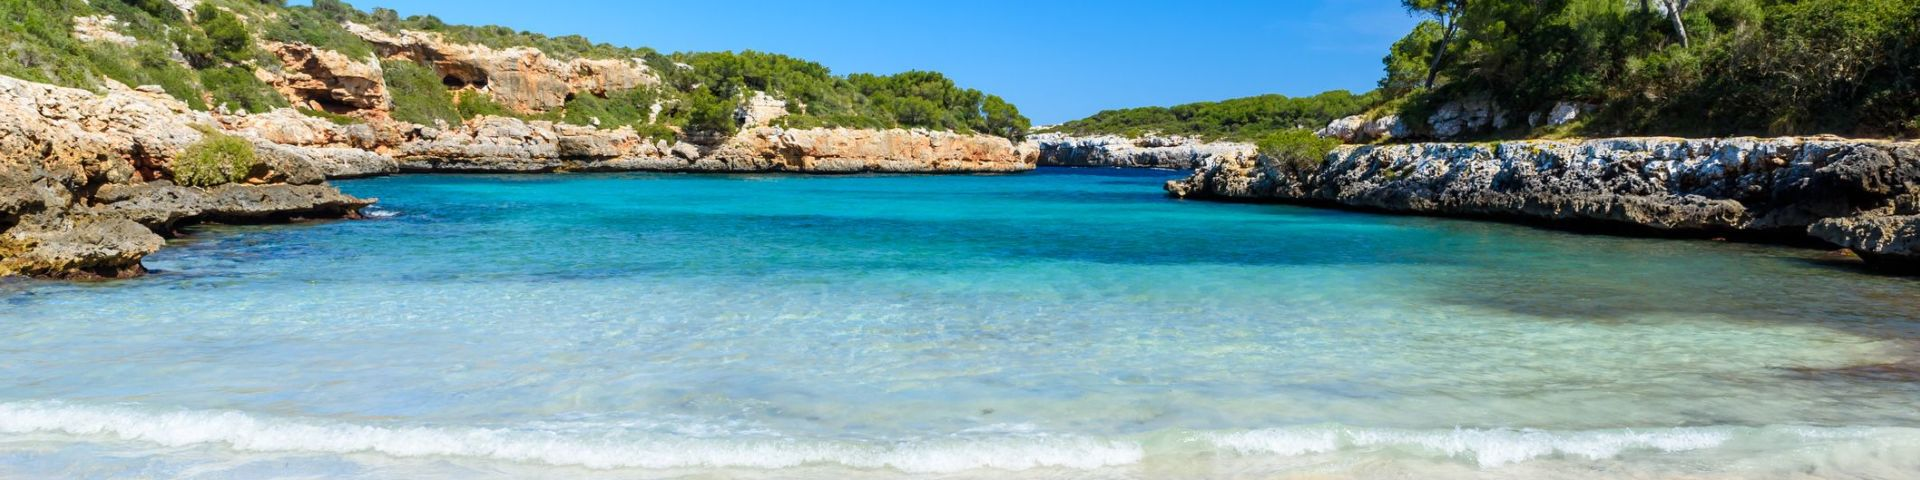 Mallorca ohne Quarantäne!